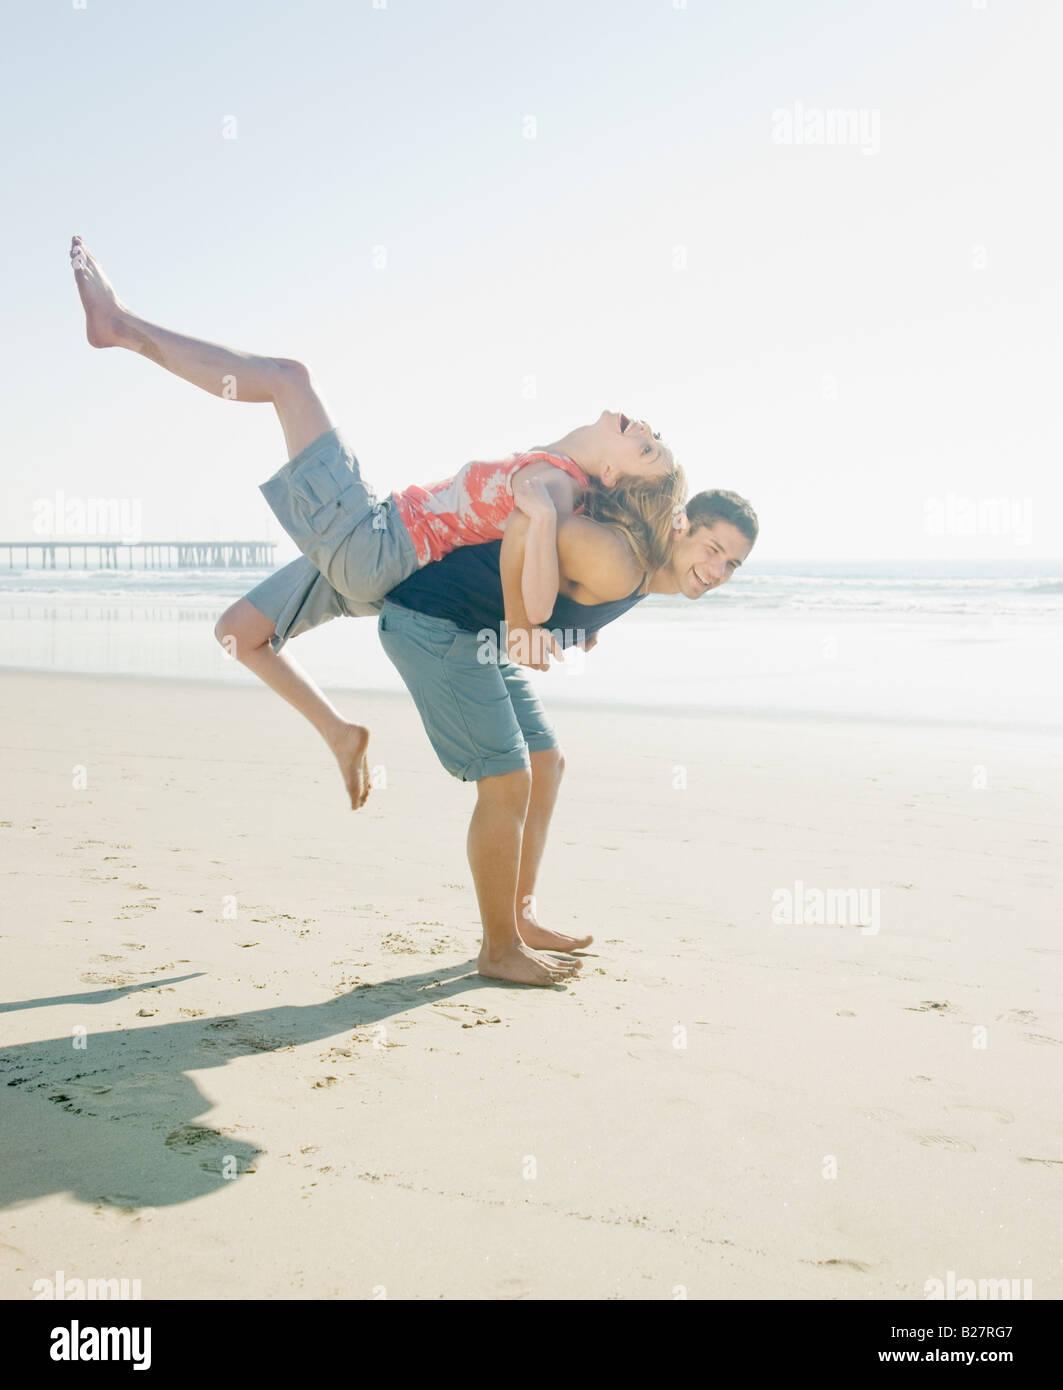 Pareja jugando en la playa Imagen De Stock